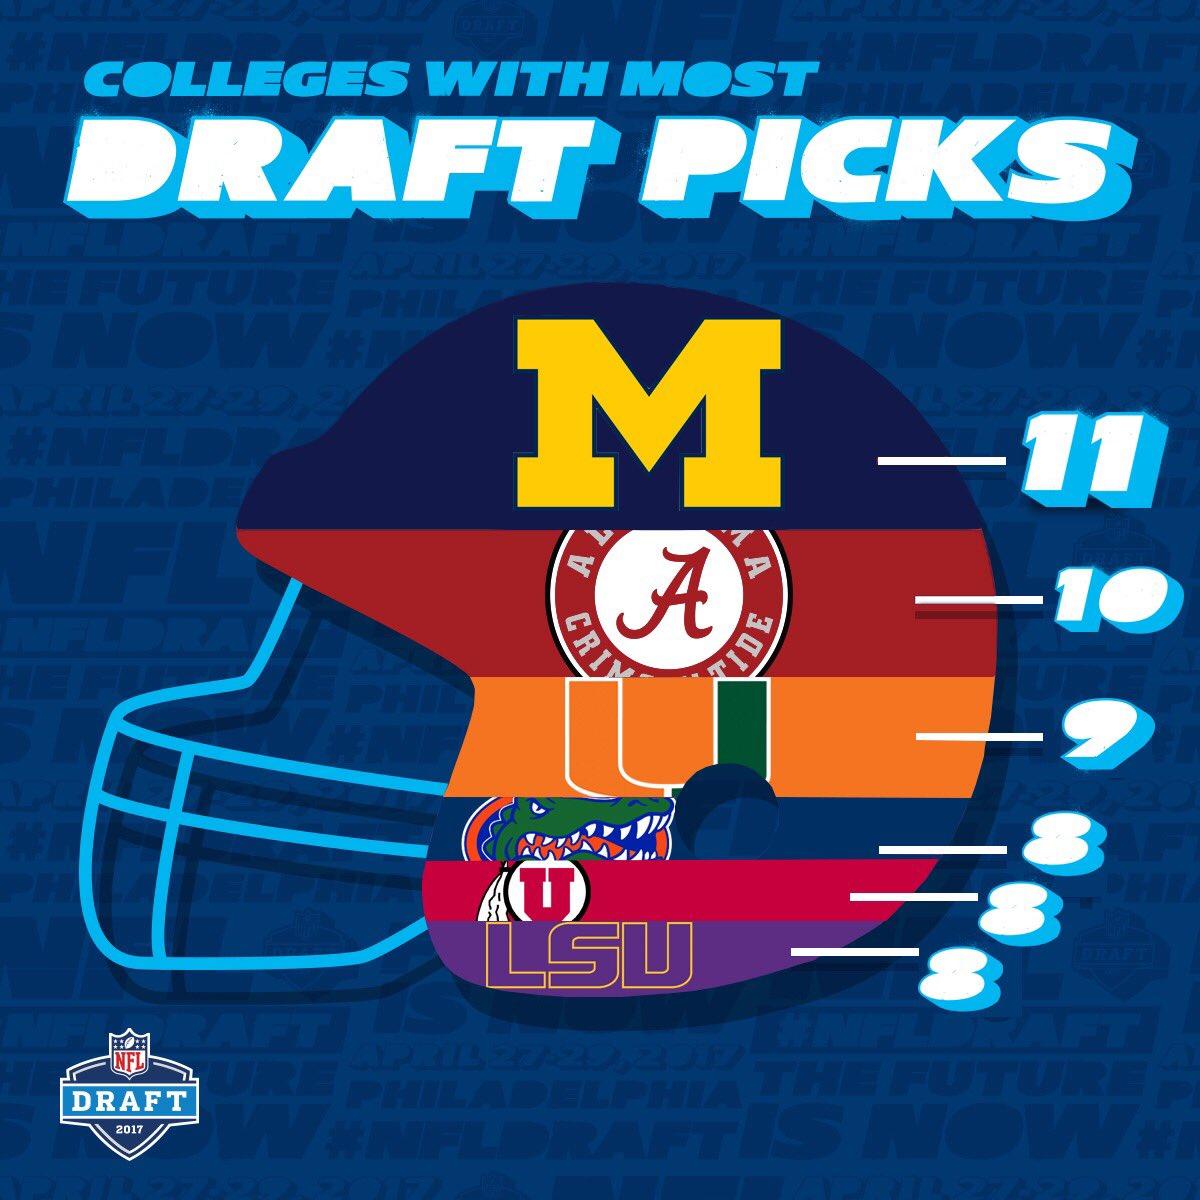 Universidades com mais escolhas no draft de 2017